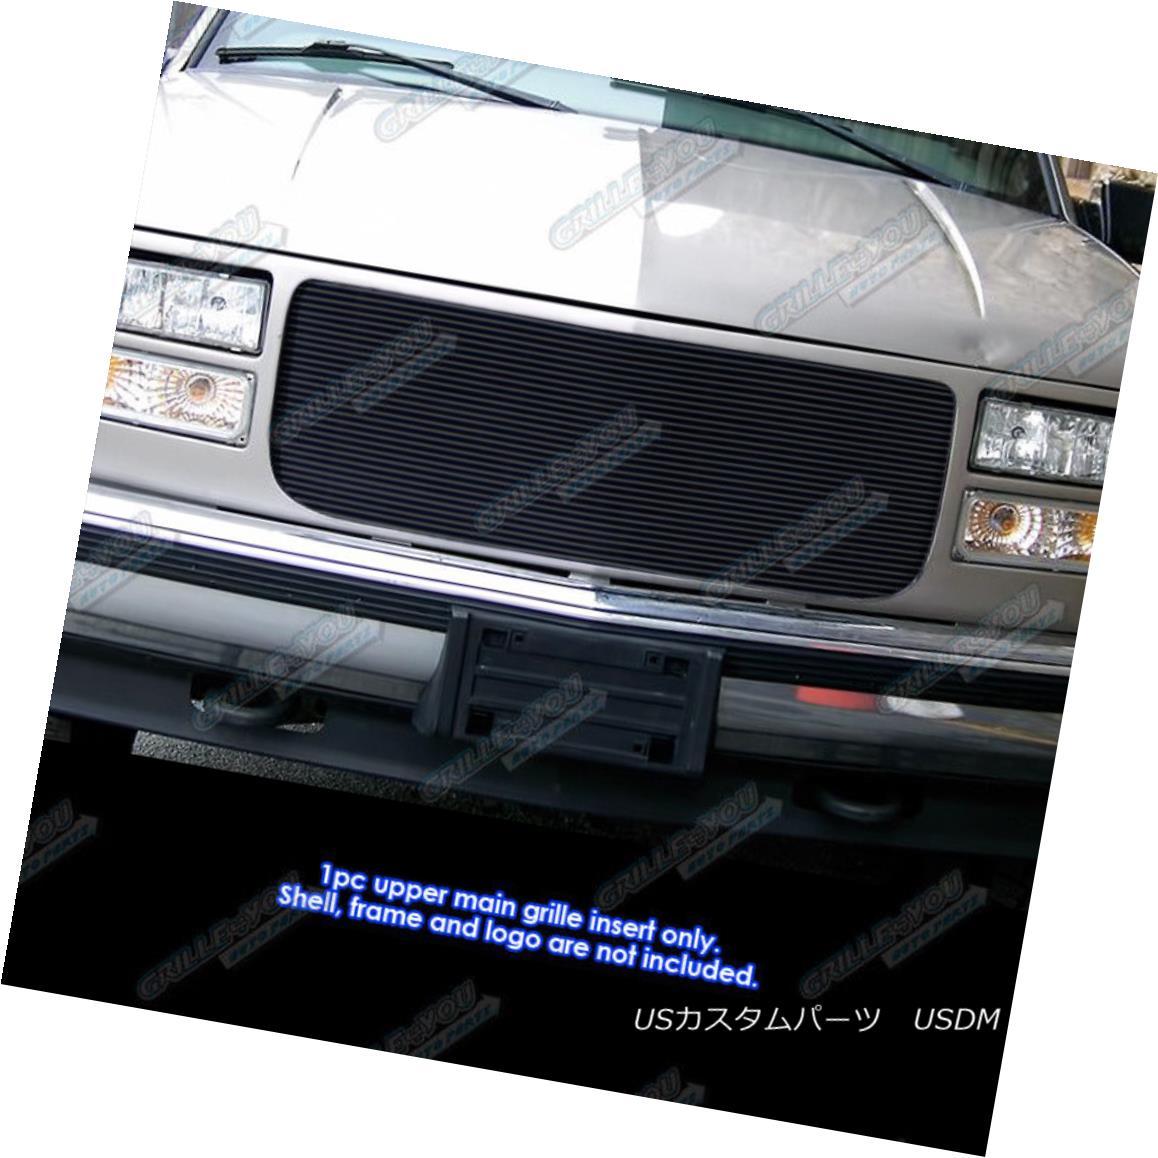 グリル 94-99 GMC C/K Pickup/Suburban/Yukon 31 Bars Black Billet Grille Insert 94-99 GMC C / K Pickup / Suburba n / Yukon 31 Bars Black Billet Grille Insert